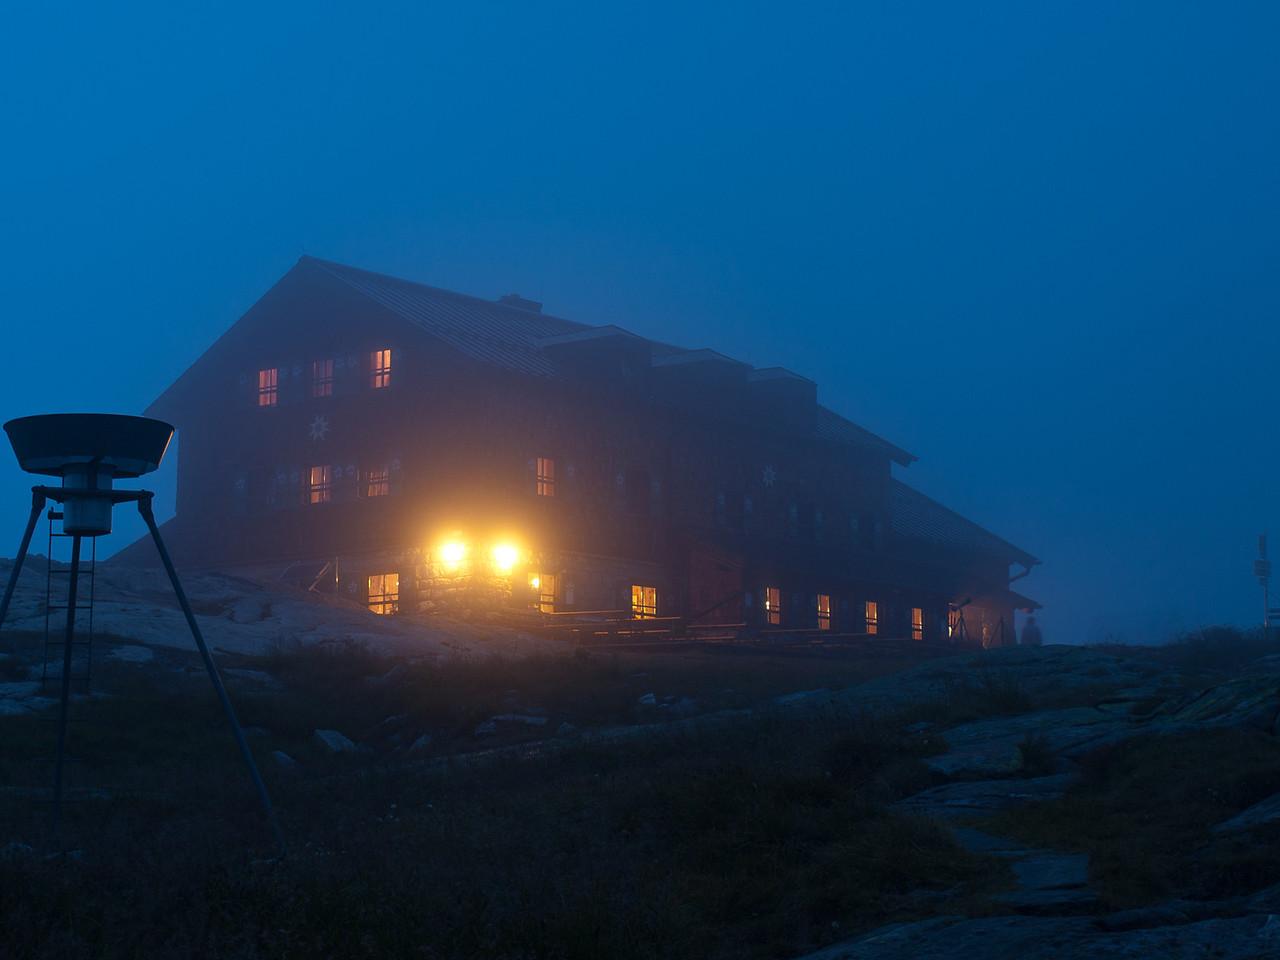 Die Zittauer Hütte im Nebel...